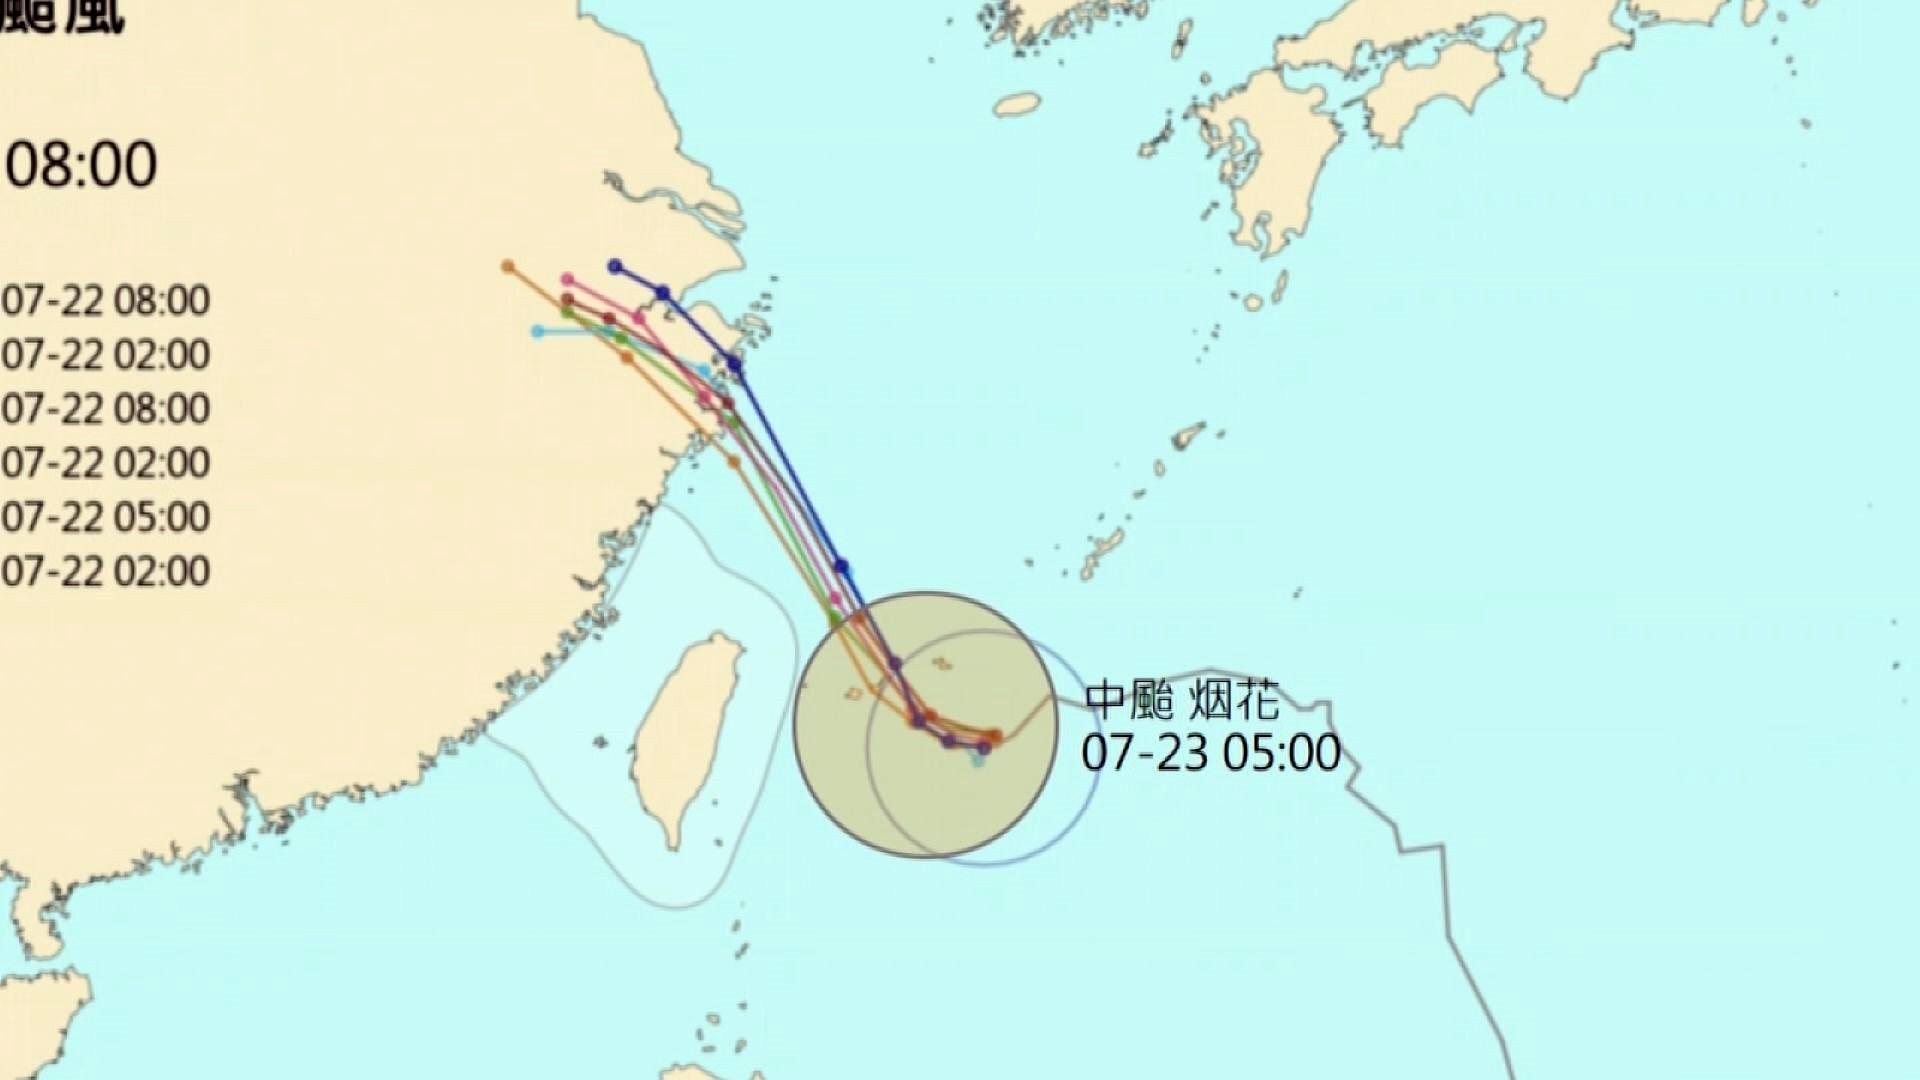 Cơn bão In-fa gây ảnh hưởng mạnh nhất từ thứ Sáu đến thứ Bảy